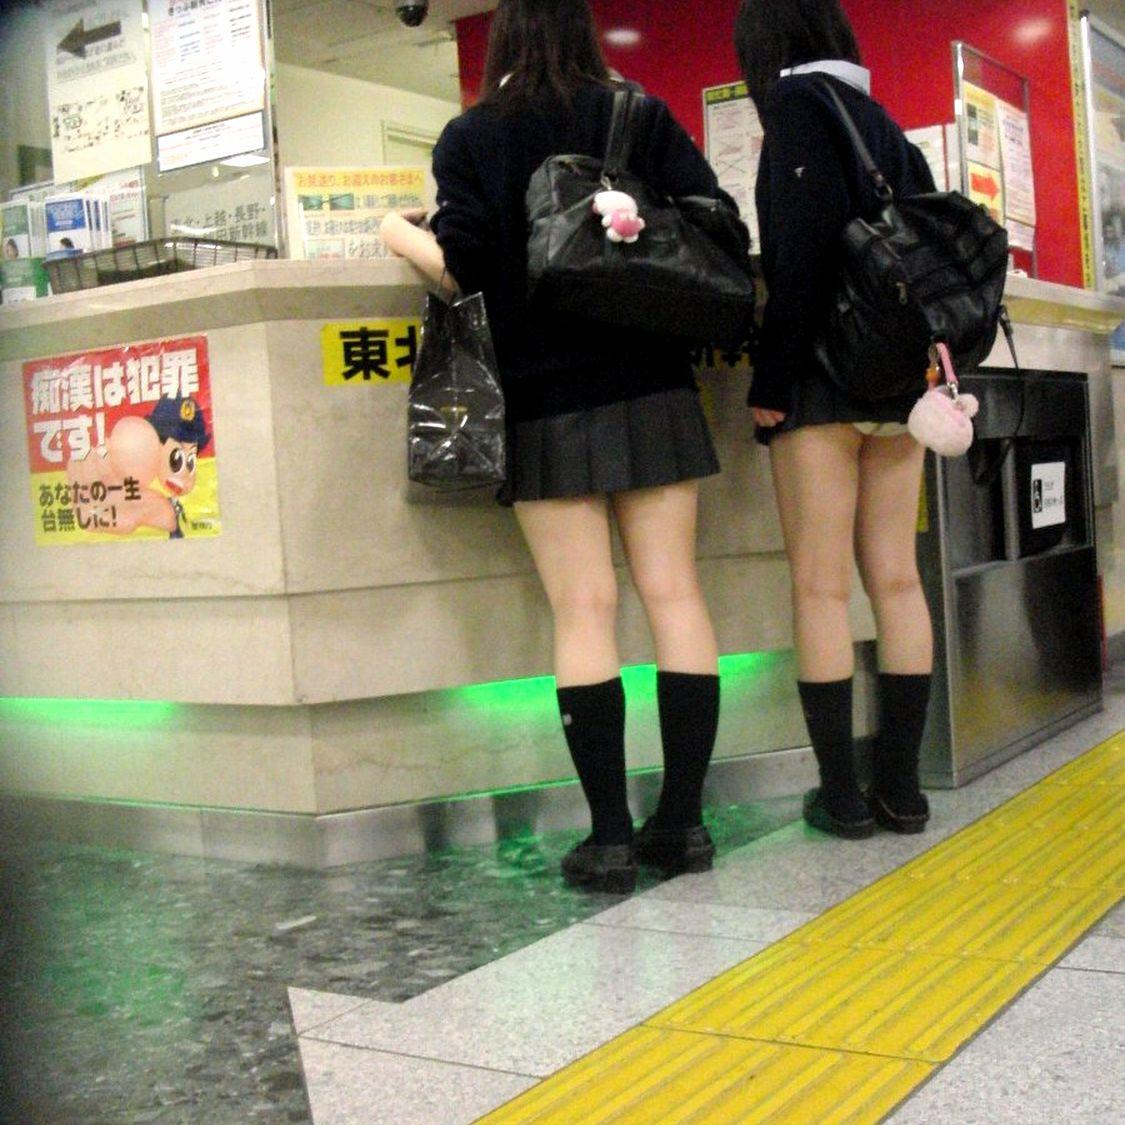 三次元 3次元 エロ画像 パンチラ 街撮り べっぴん娘通信 23